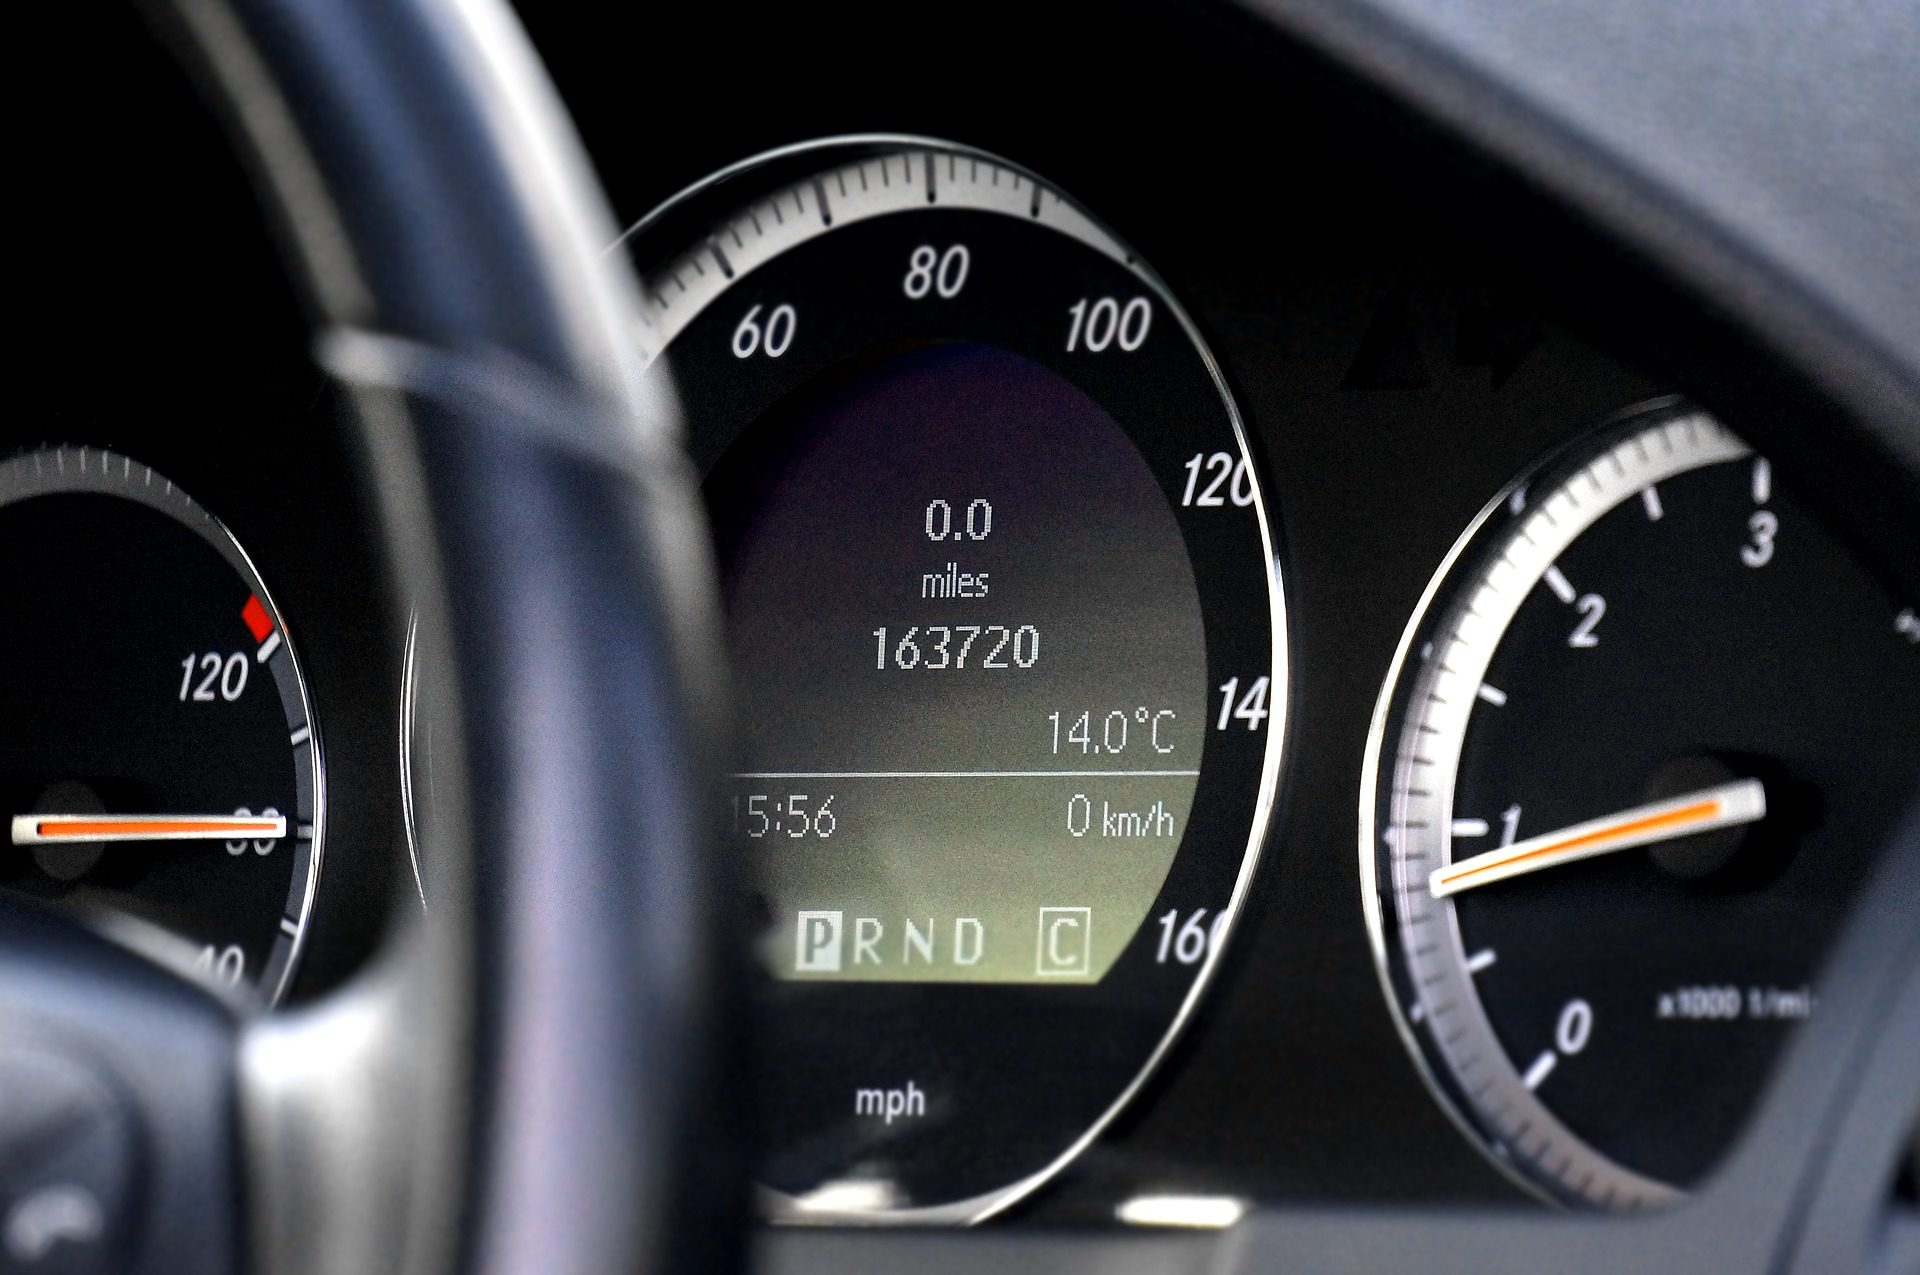 سيارات, لوحة المعلومات, لوحة التحكم, عداد المسافات, السرعة, الثورات - خلفيات عالية الدقة - أستاذ falken.com